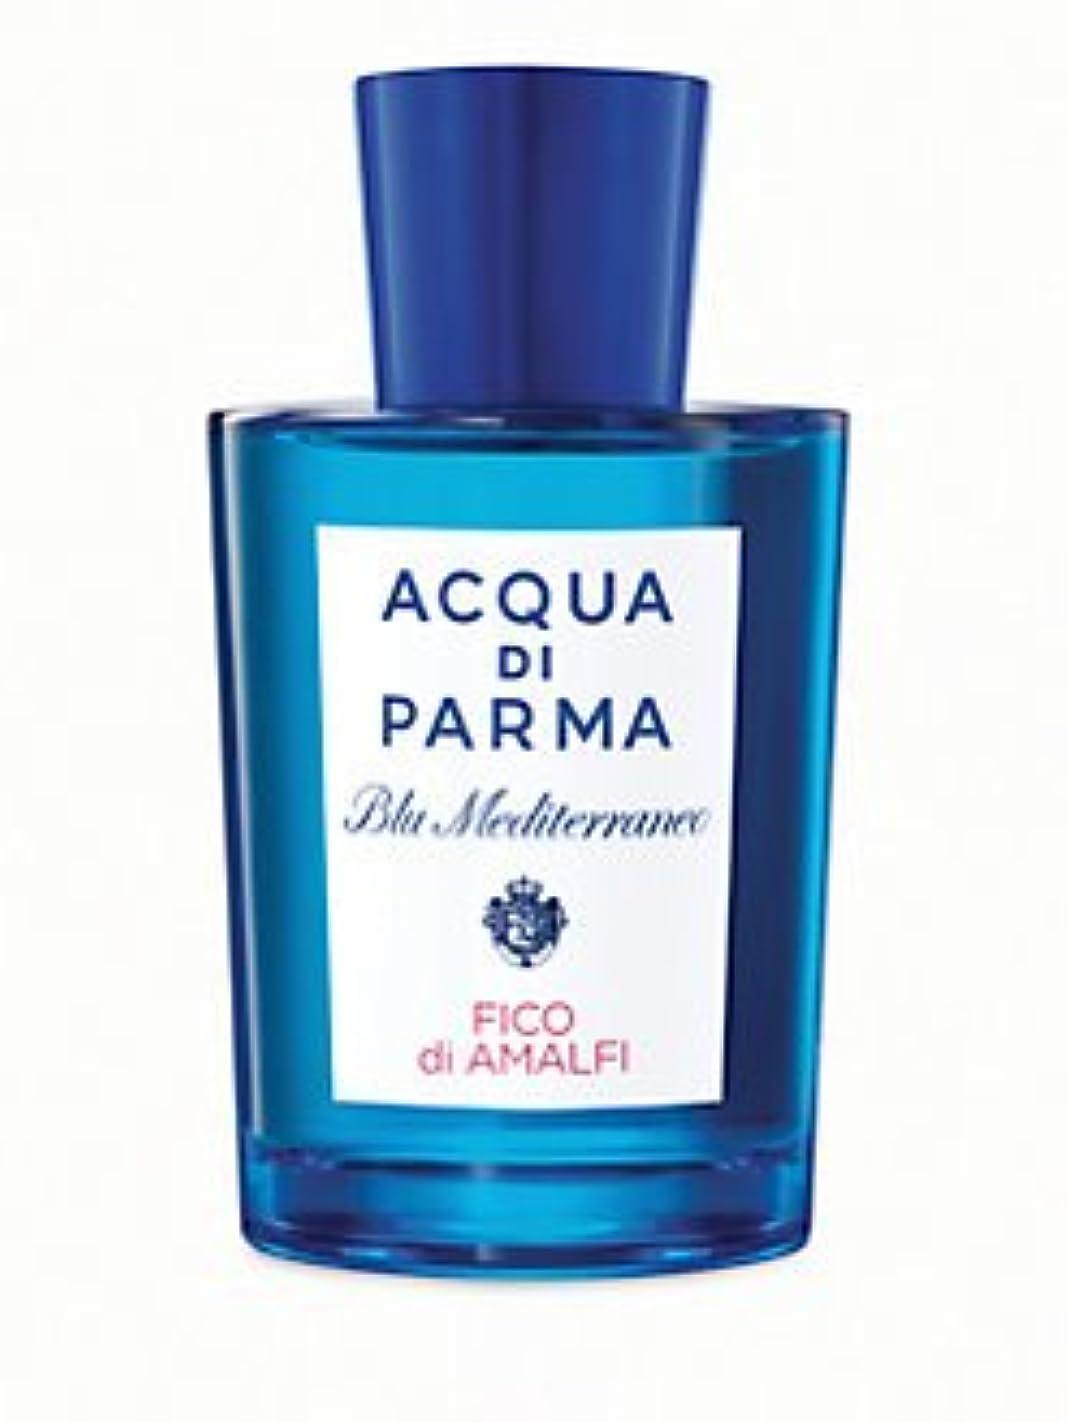 糞変なアクセスできないBlu Mediterraneo Fico di Amalfi (ブルー メディタレーネオ フィコ ディ アマルフィ) 6.9 oz (200ml) Vitalizing Body Cream by Acqua di Parma